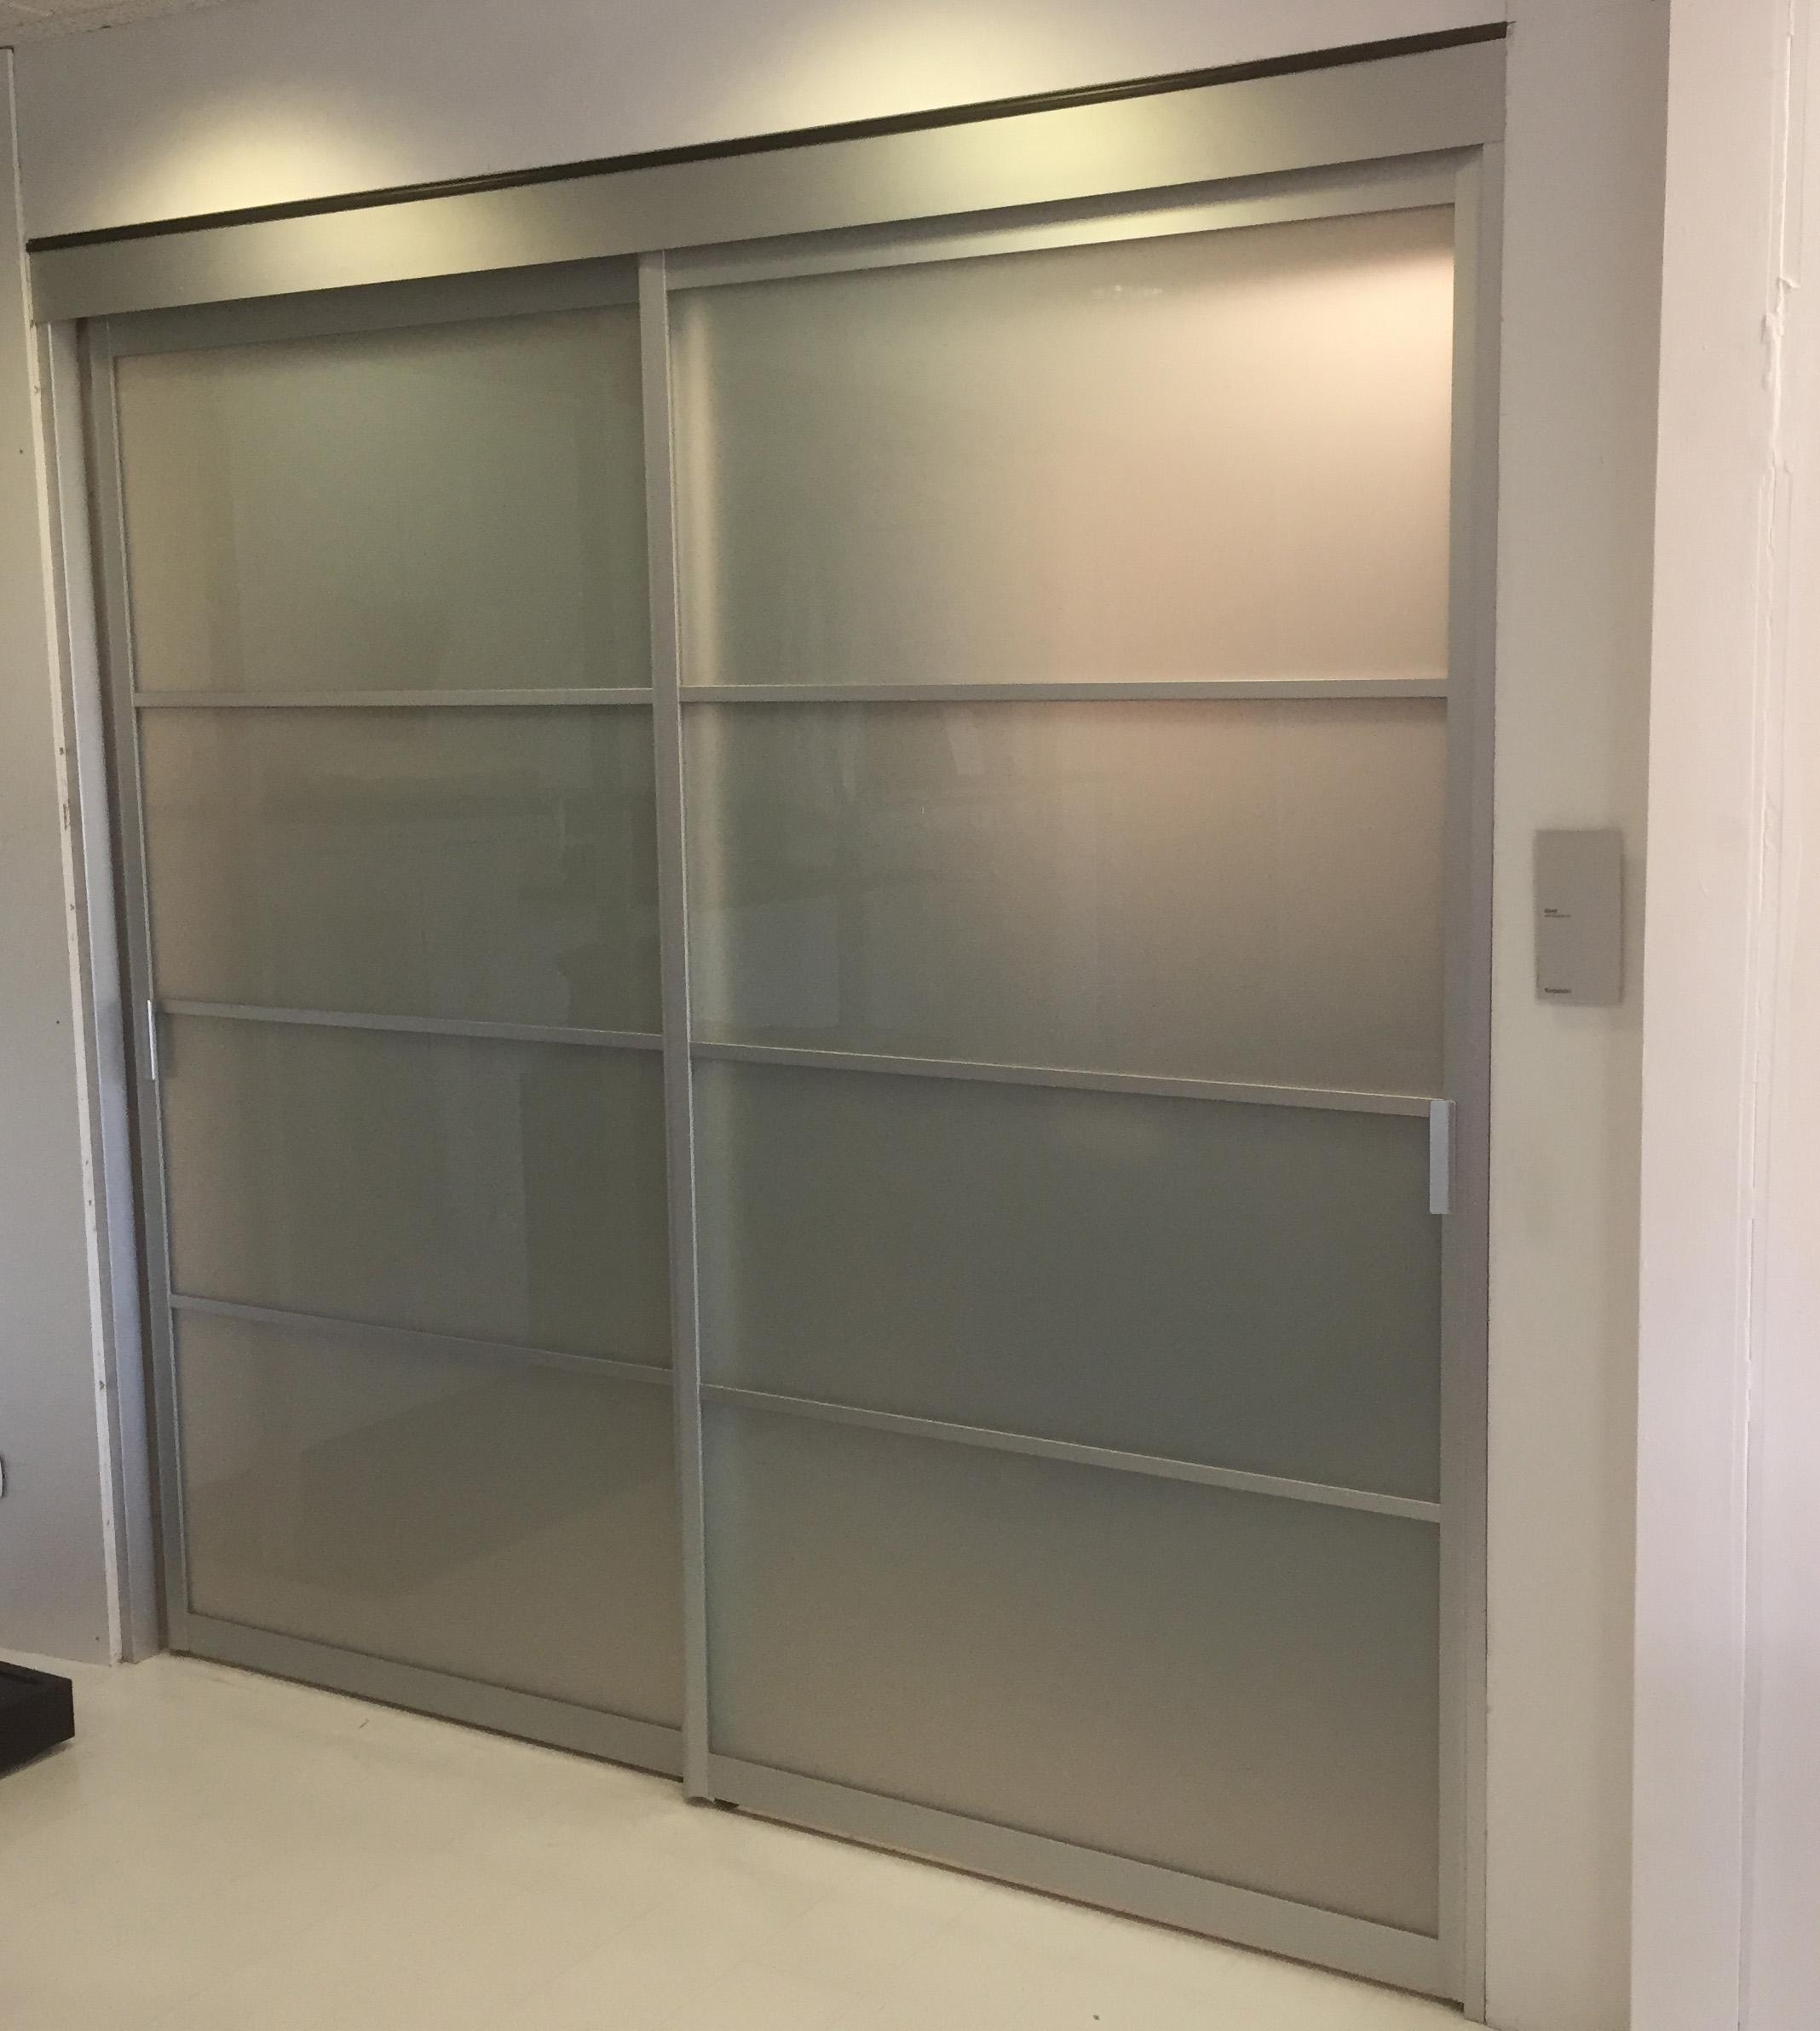 Porta scorrevole rimadesio siparium in vetro acidato for Solution porte 60 doors